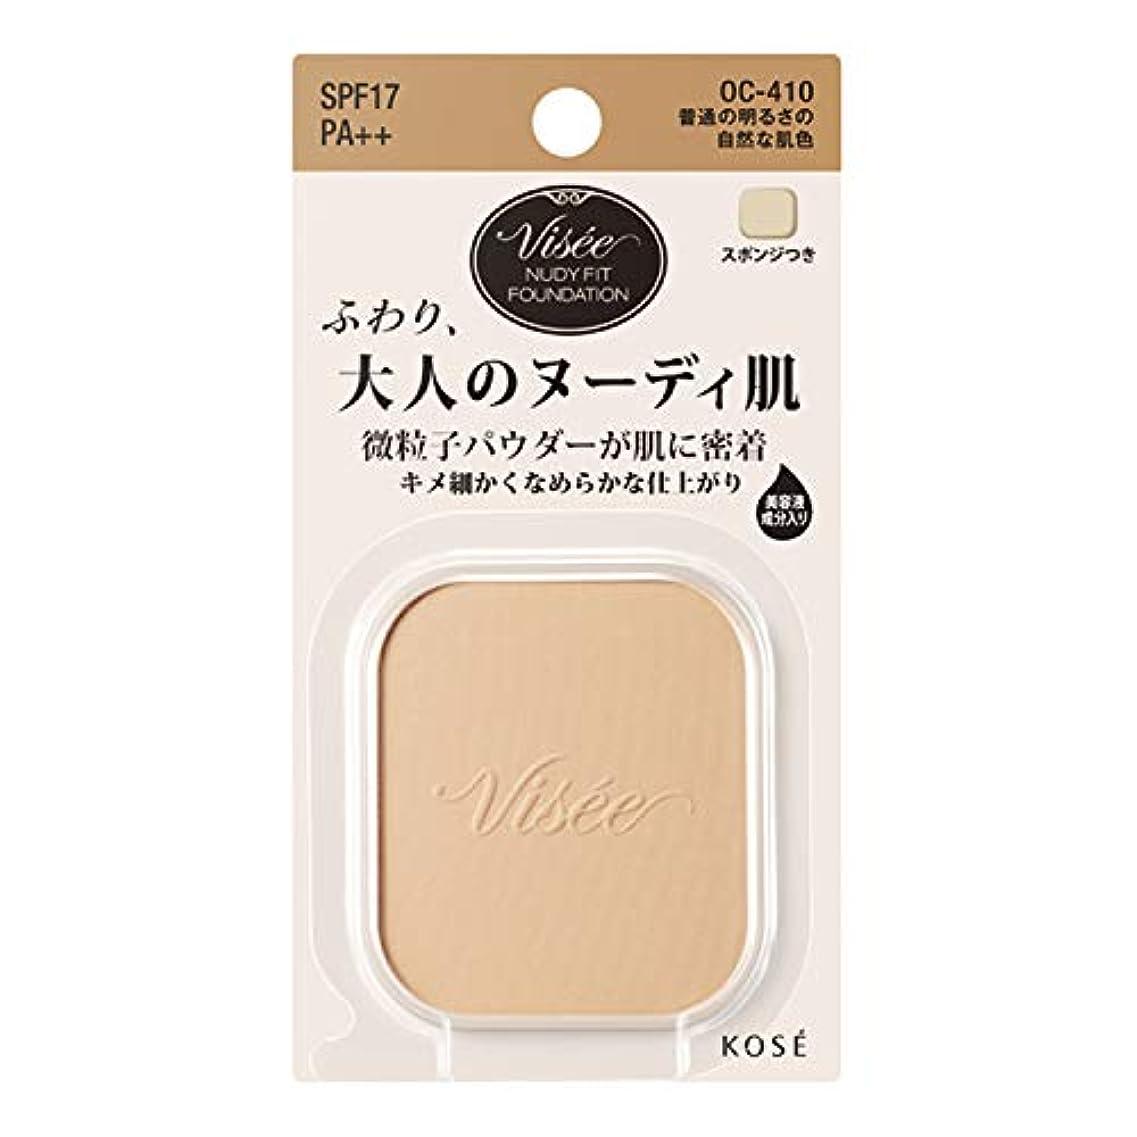 ヴィセ リシェ ヌーディフィット ファンデーション 普通の明るさの自然な肌色 OC-410 10g